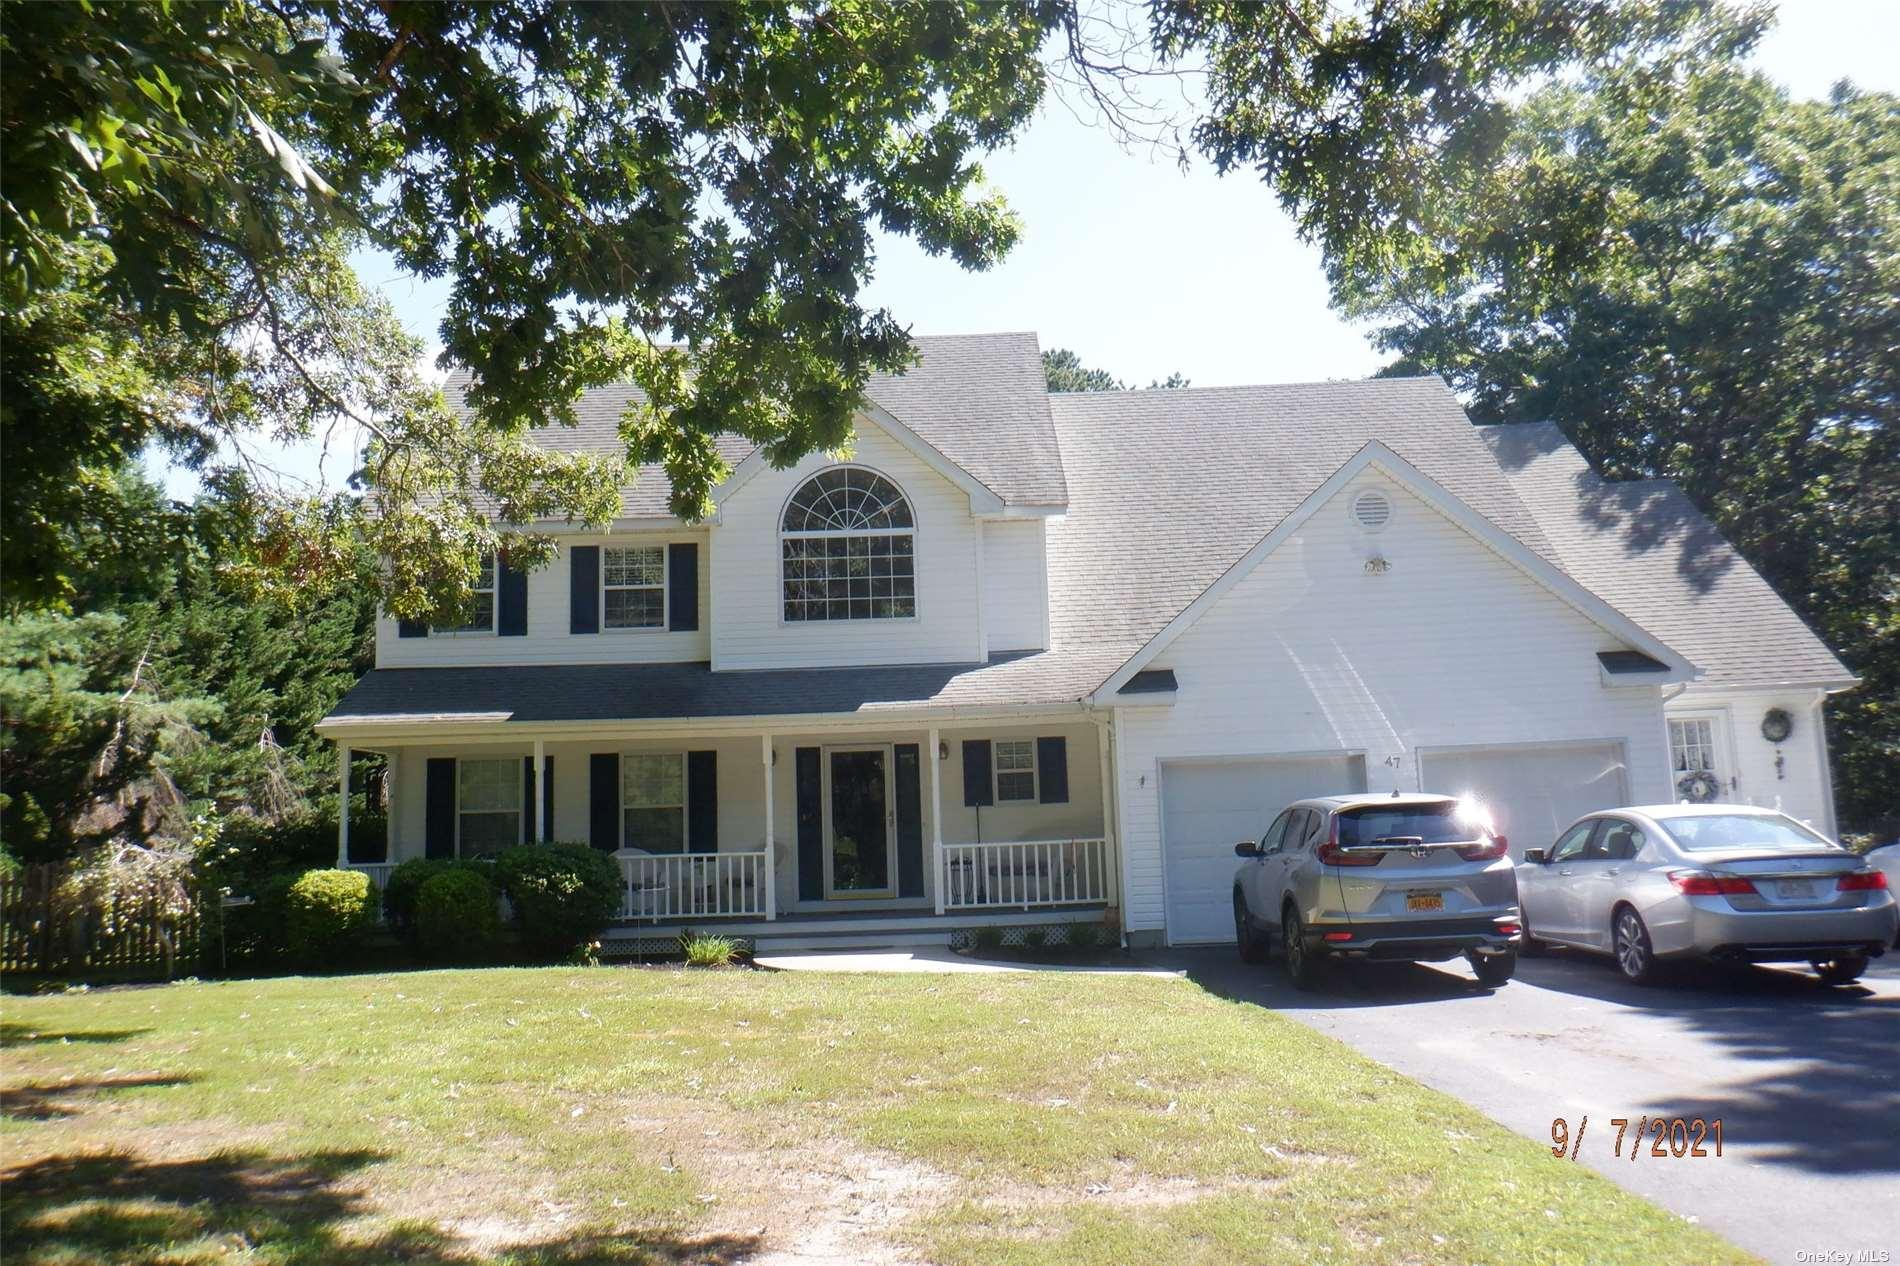 47 Cobblestone Drive, Shoreham, New York11786 | Residential For Sale